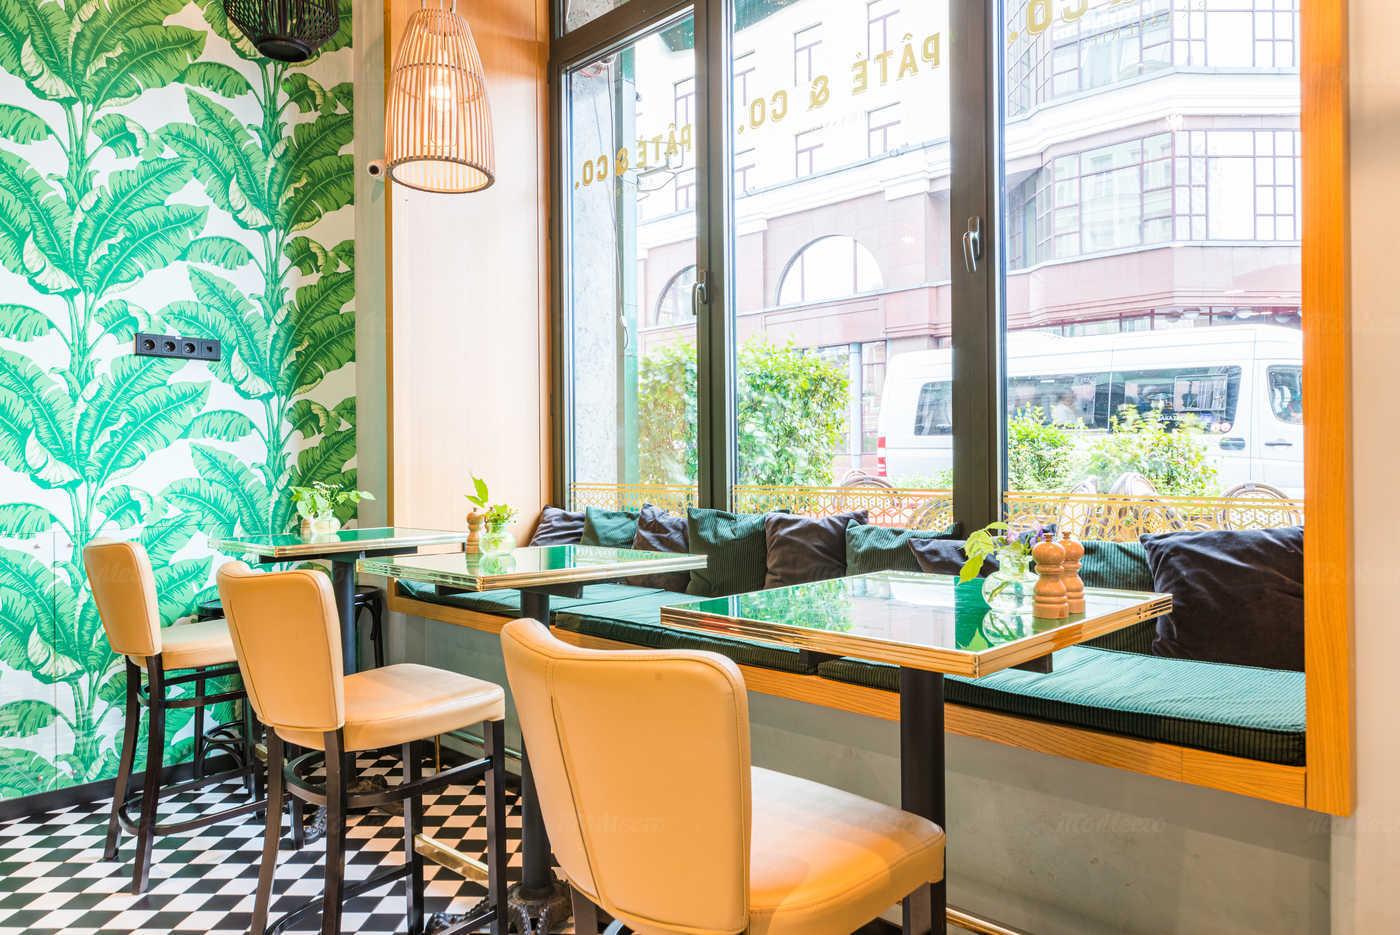 Ресторан Pate & Co на улице Балчуг фото 19